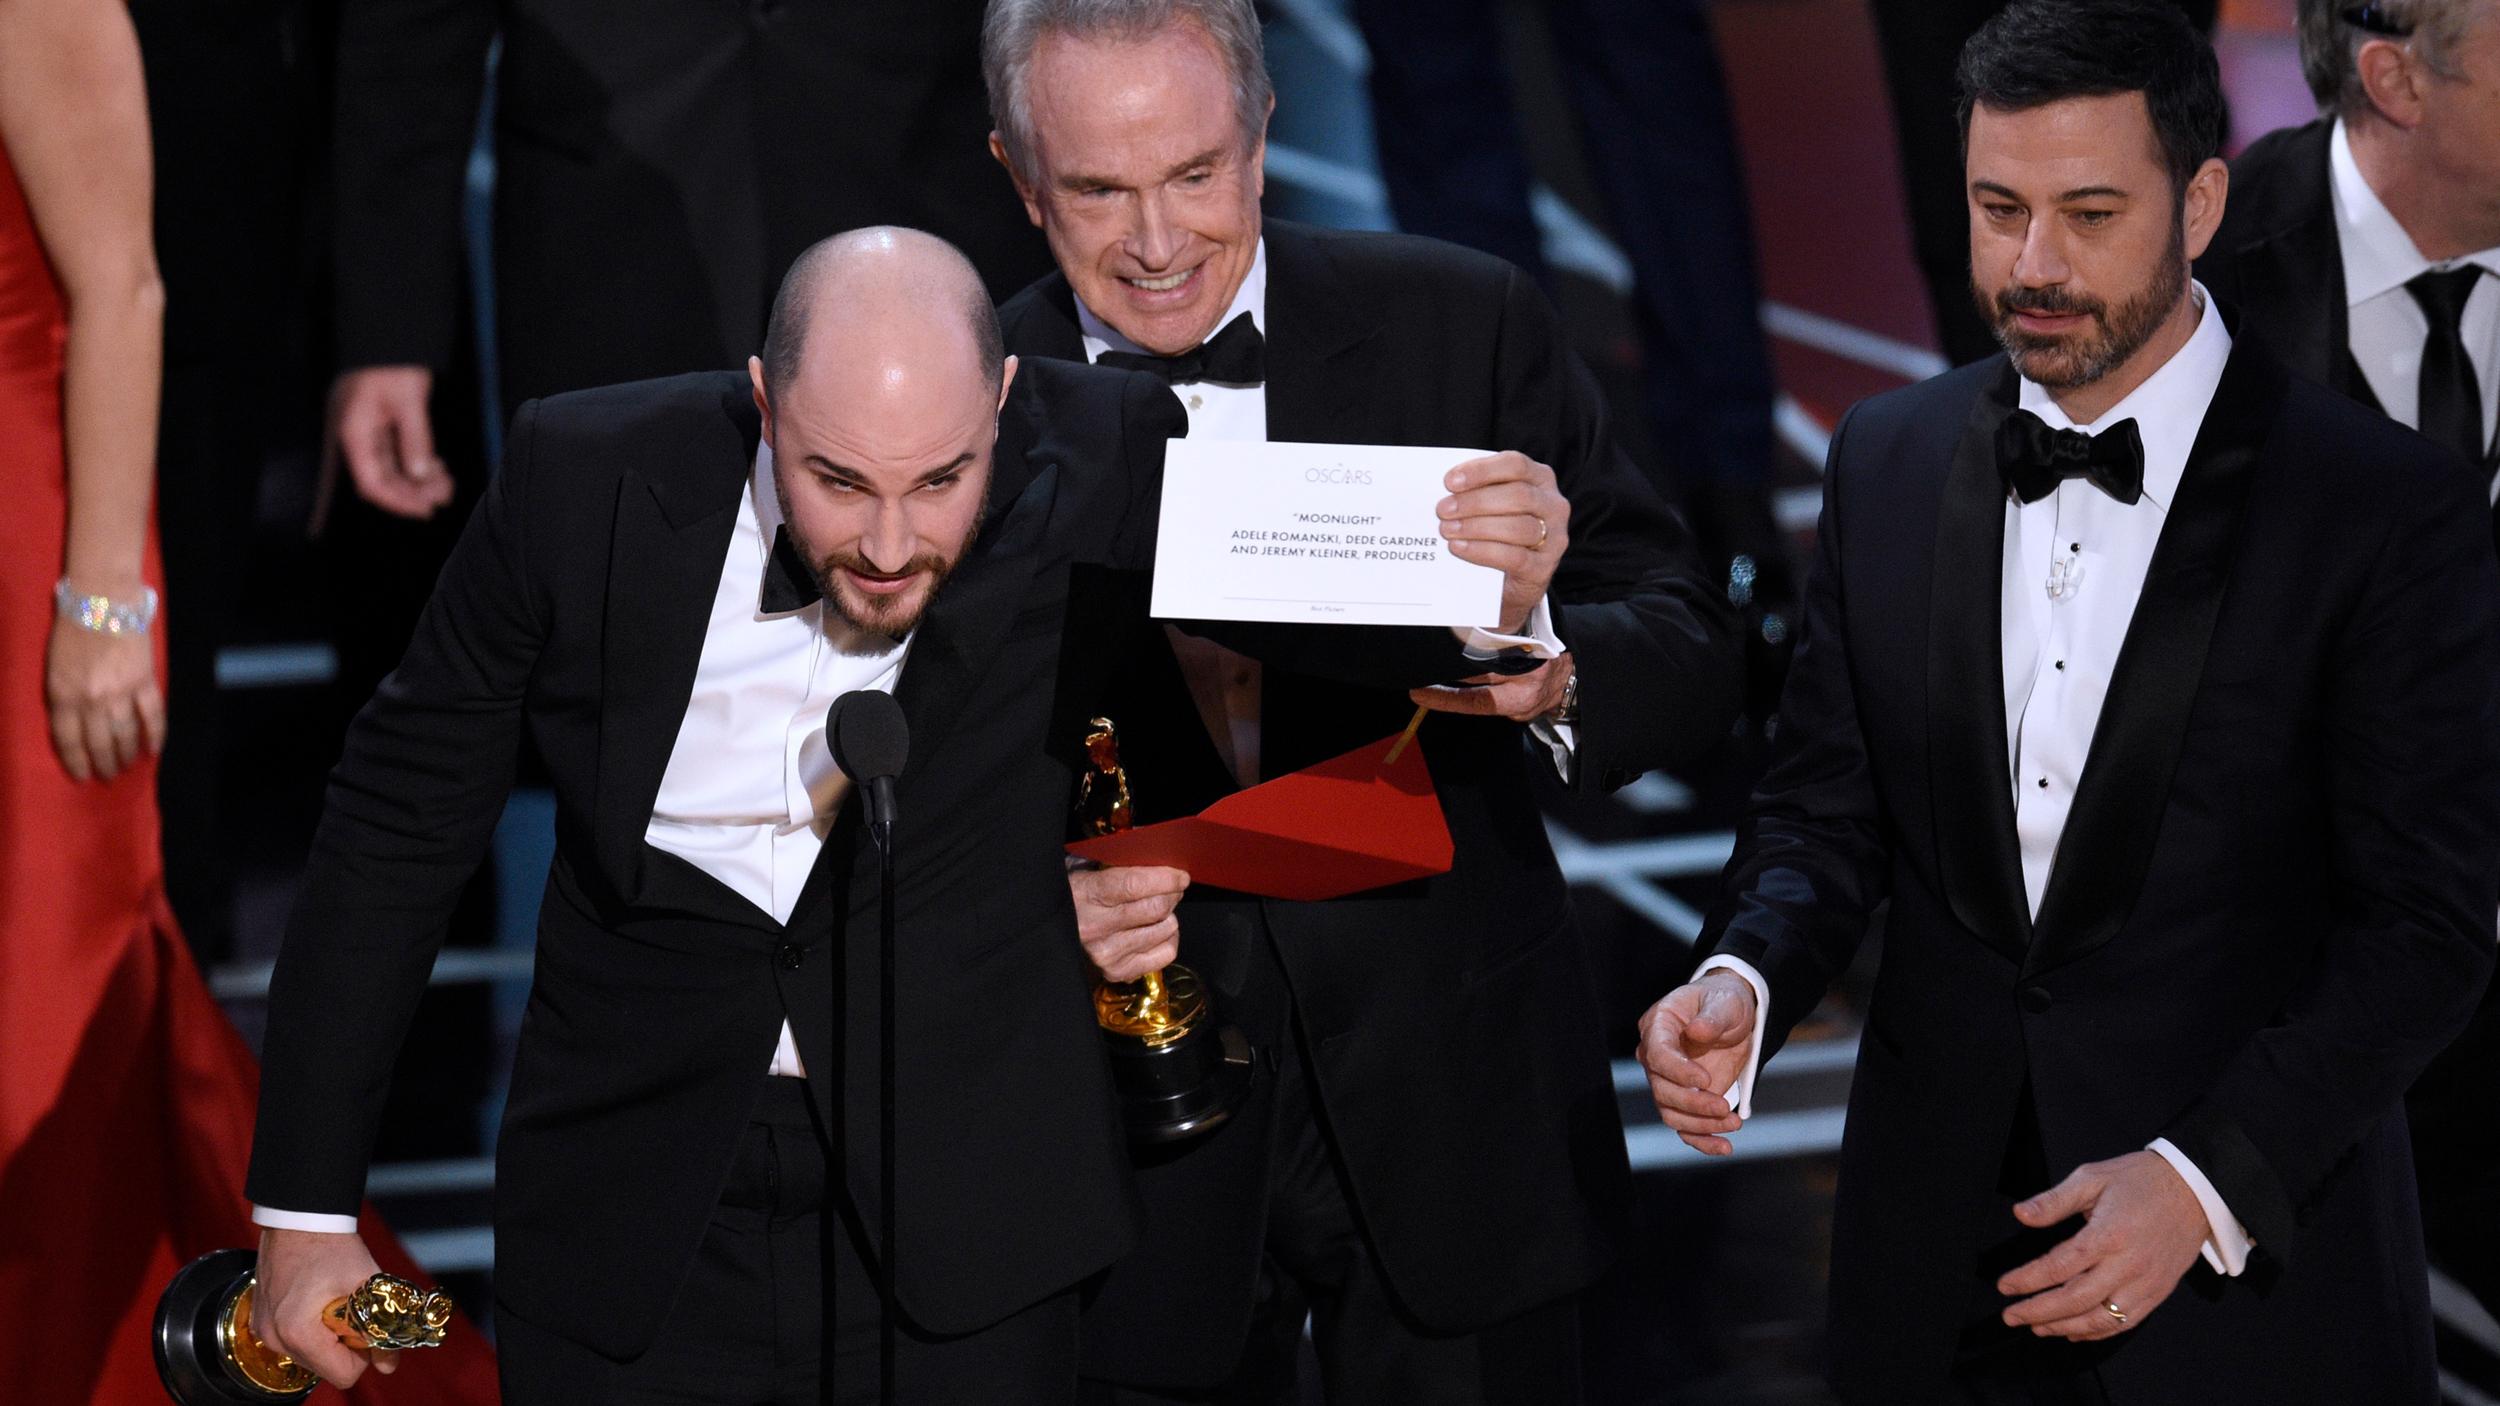 Jordan Horowitz,Warren Beatty,Jimmy Kimmel